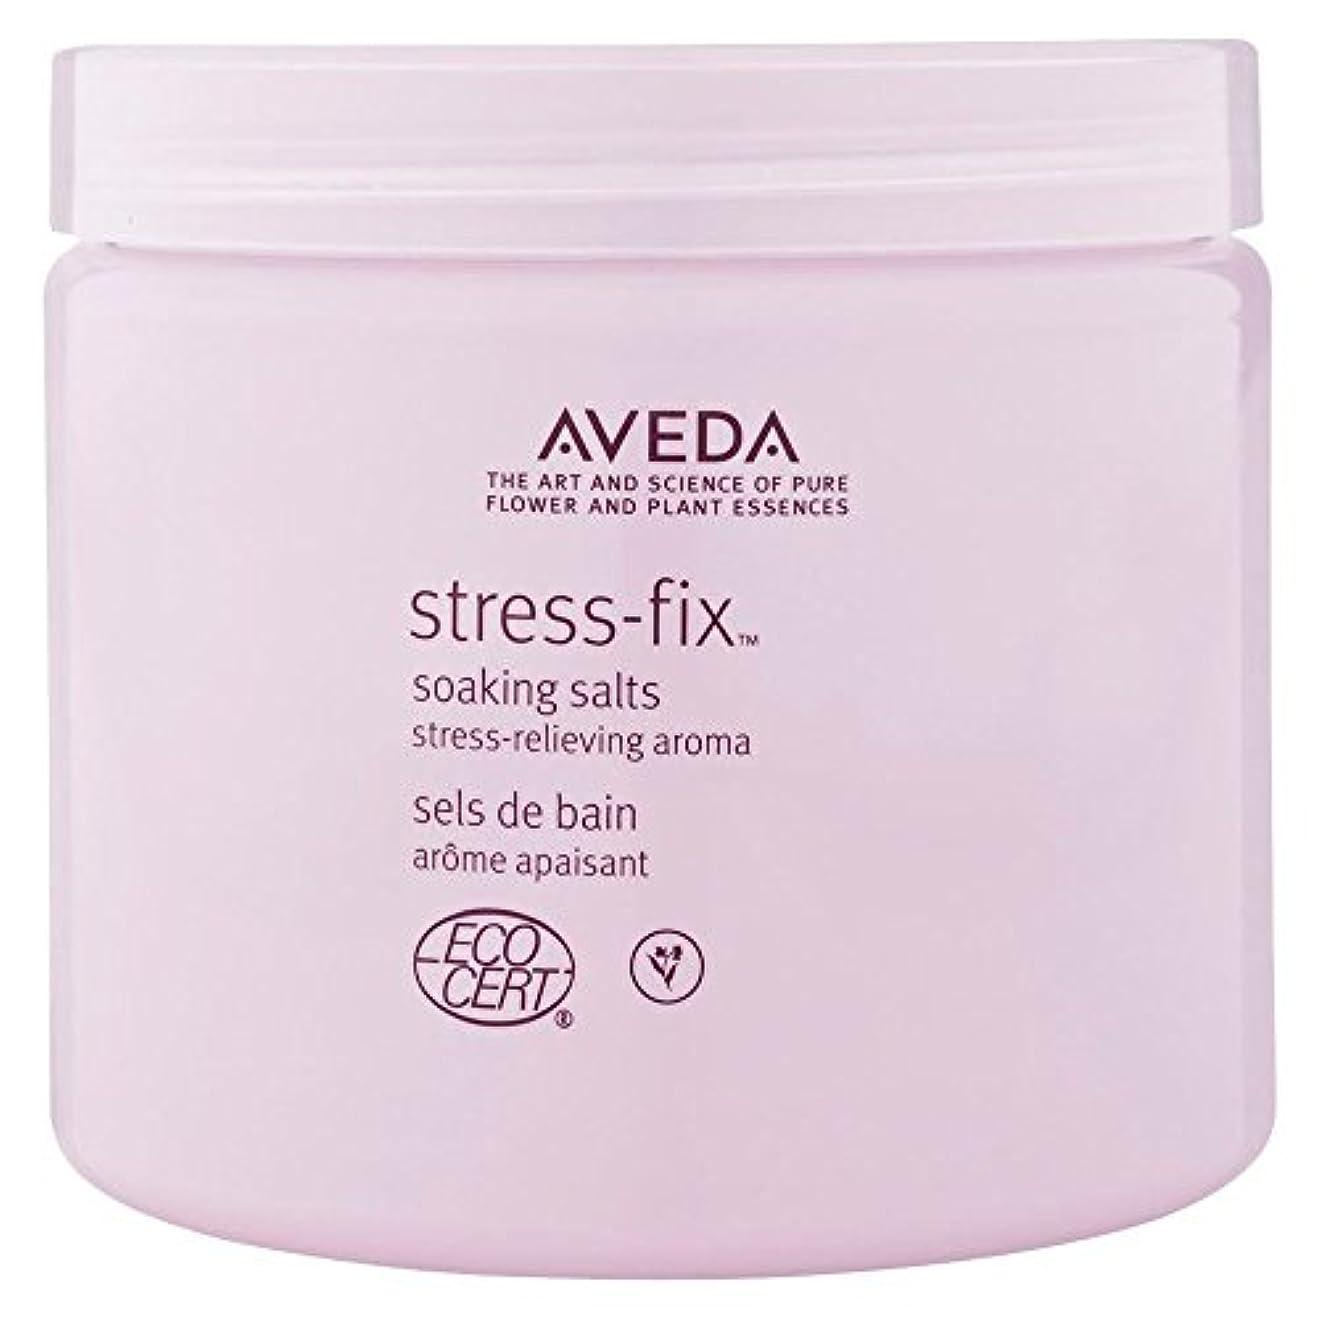 上下する哲学百科事典[AVEDA] アヴェダストレスフィックス均熱塩454グラム - Aveda Stress-Fix Soaking Salts 454g [並行輸入品]